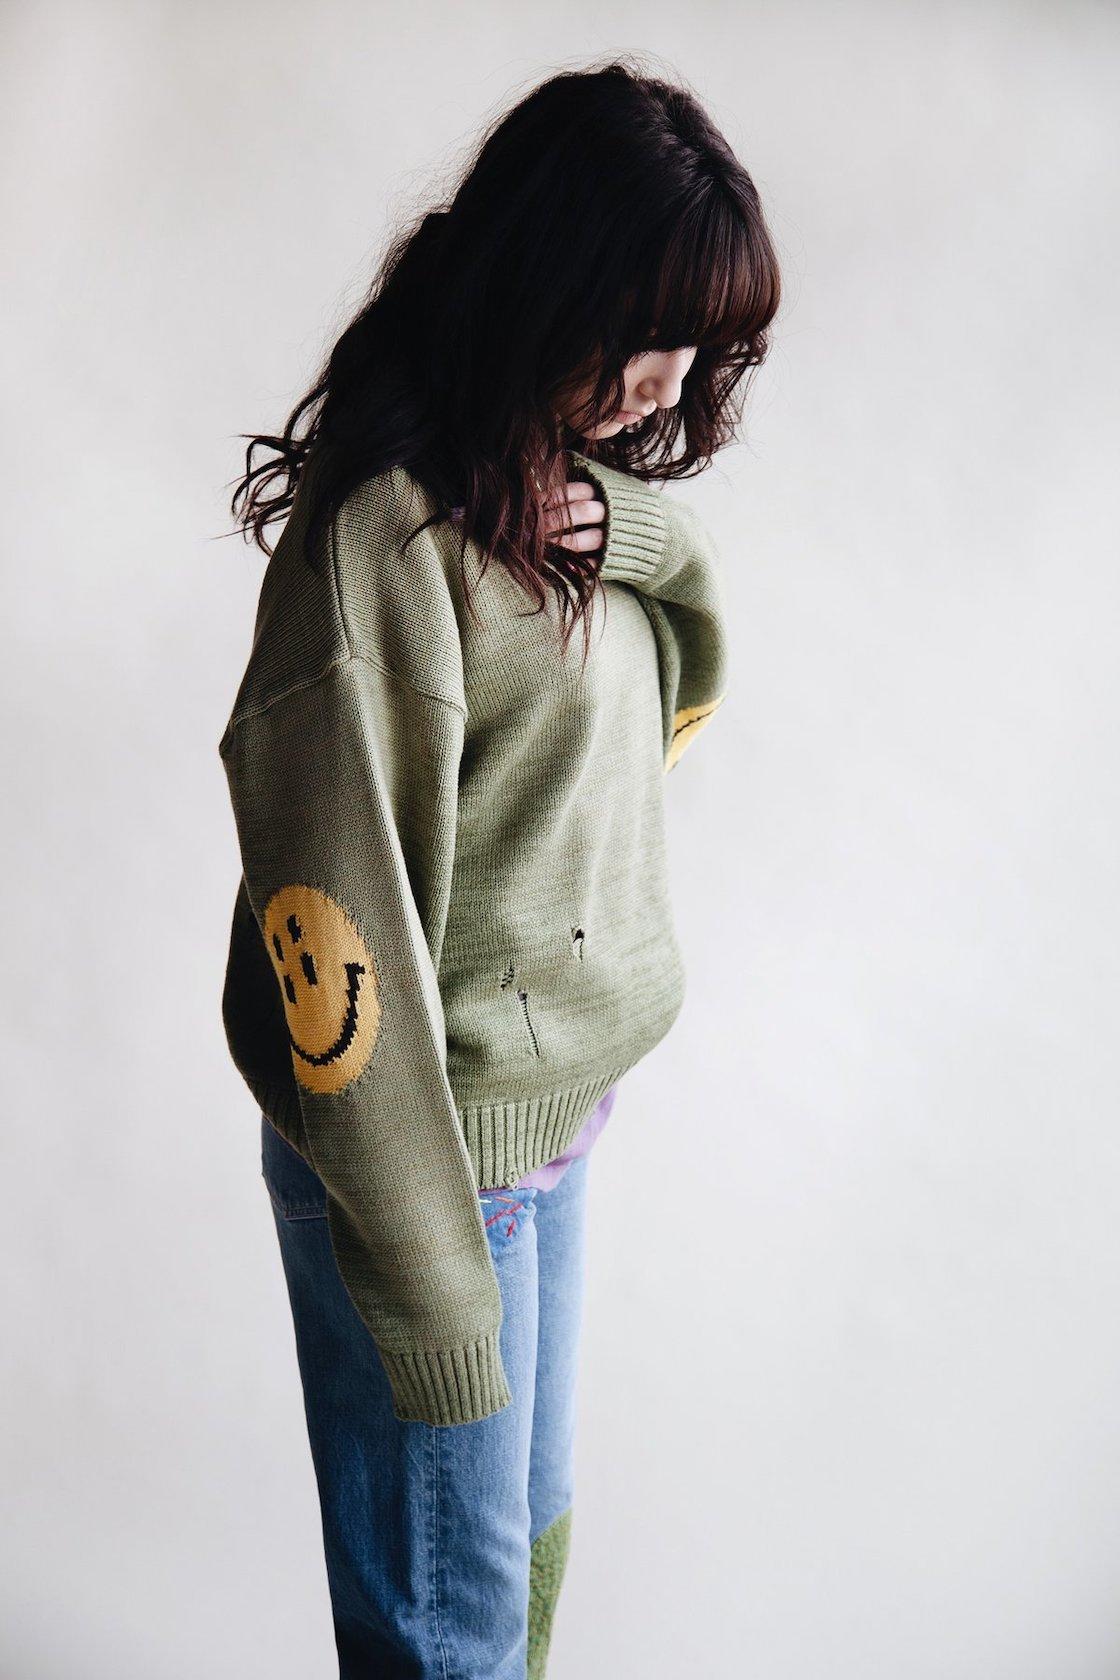 kapital rain smiles on elbows of sweaters on body